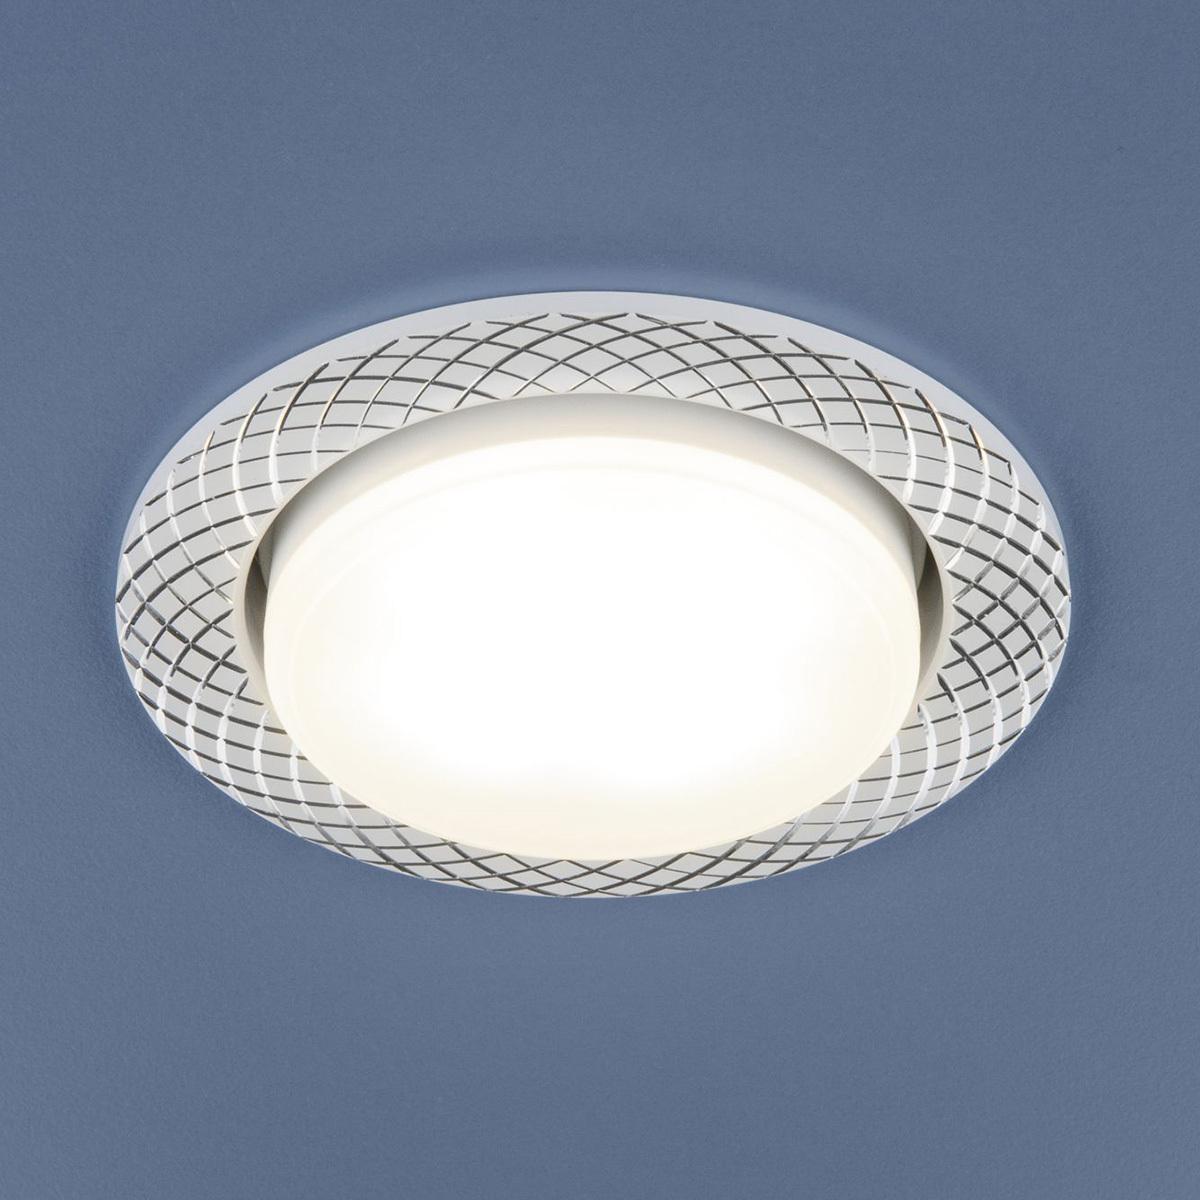 Встраиваемый светильник Elektrostandard Алюминиевый точечный 1071 GX53 WH, GX53 недорго, оригинальная цена